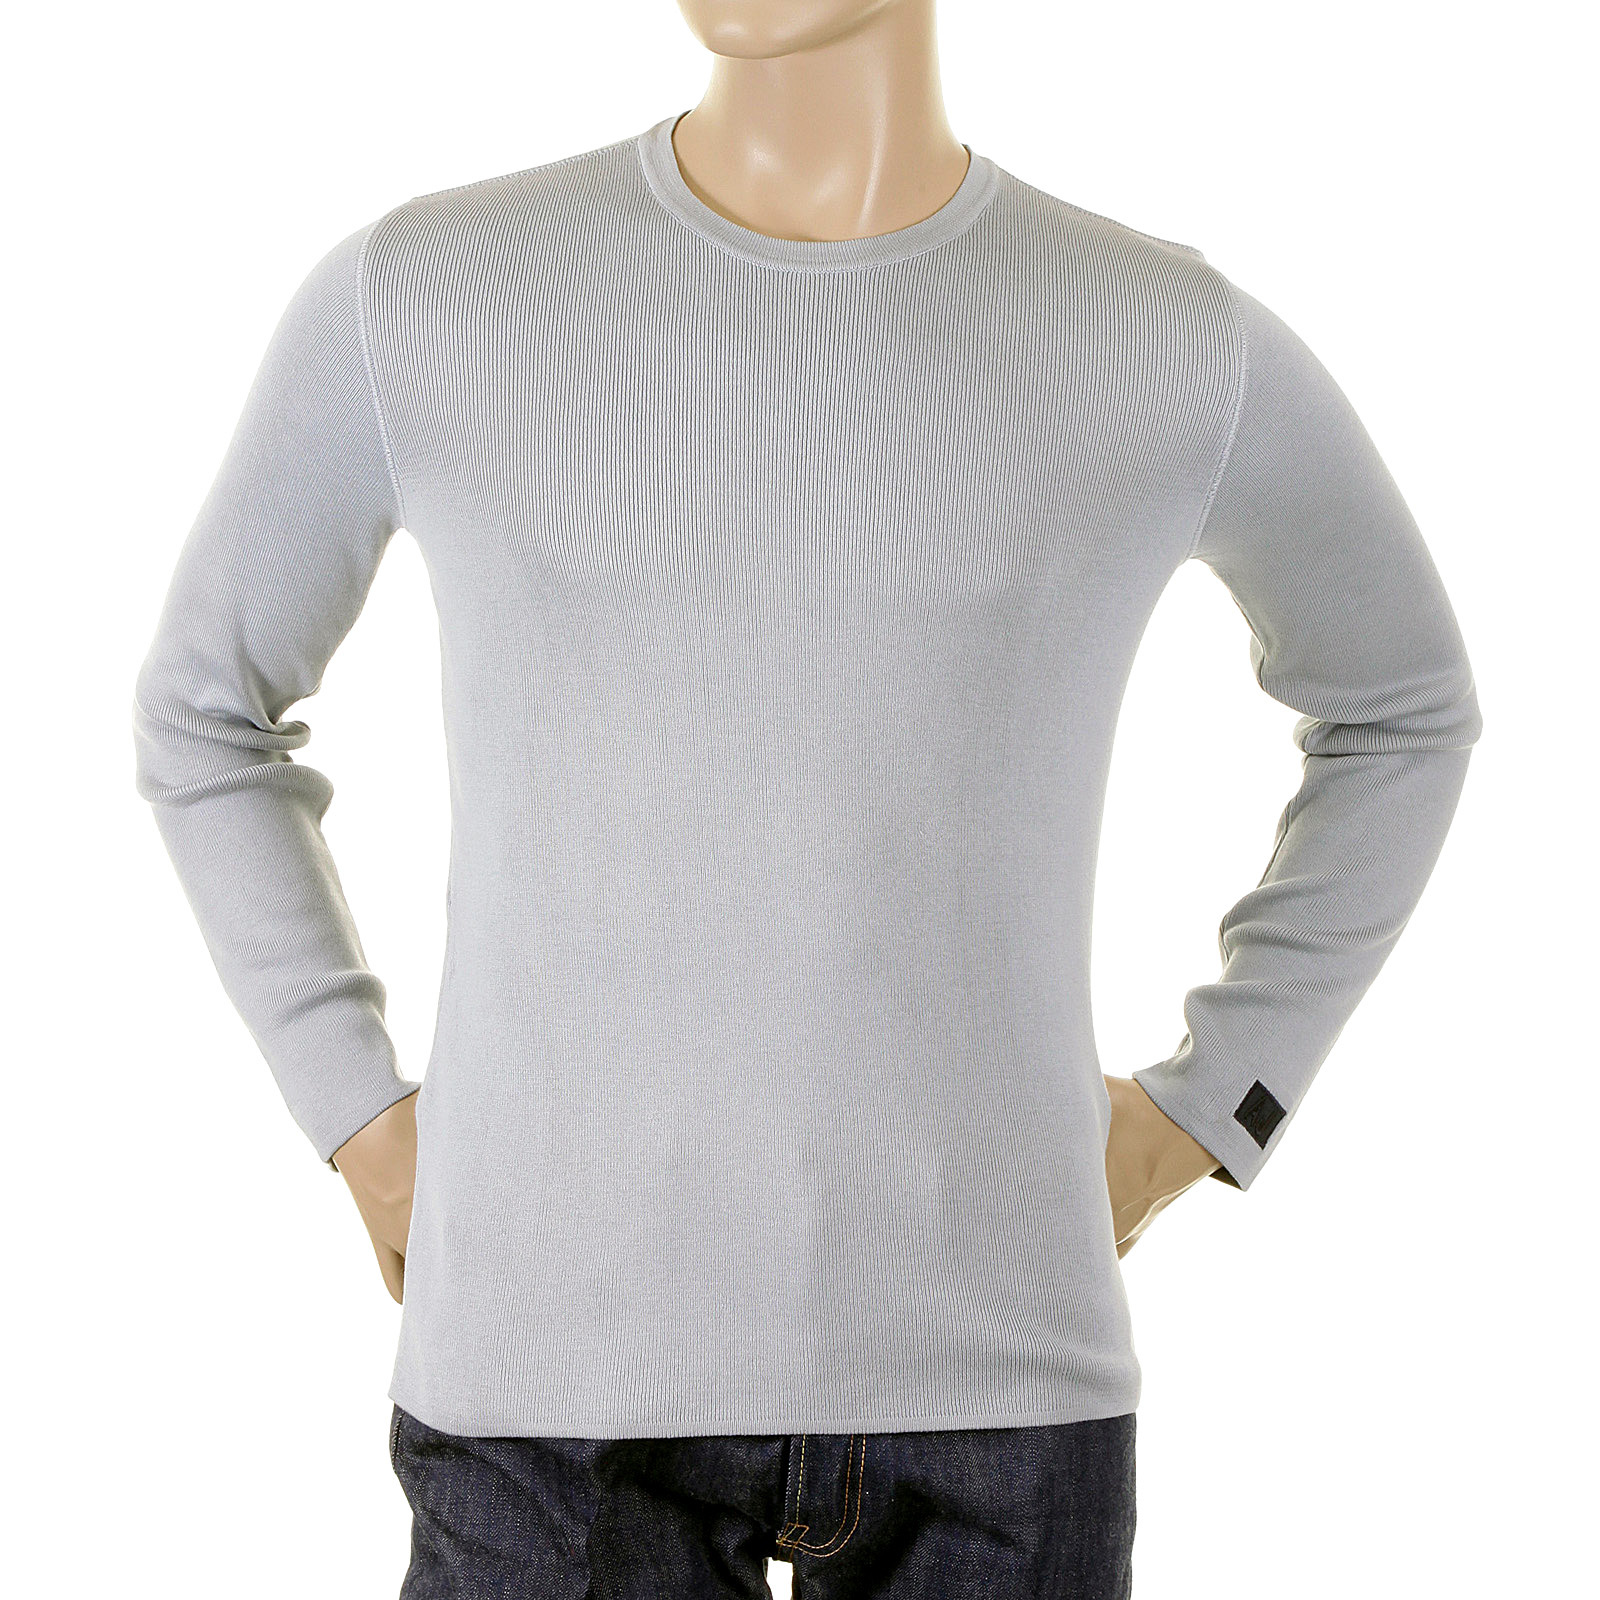 731089caa25 Armani Jeans jumper knitwear mens B6W33 Q4 grey knitwear jumper top AJM1025